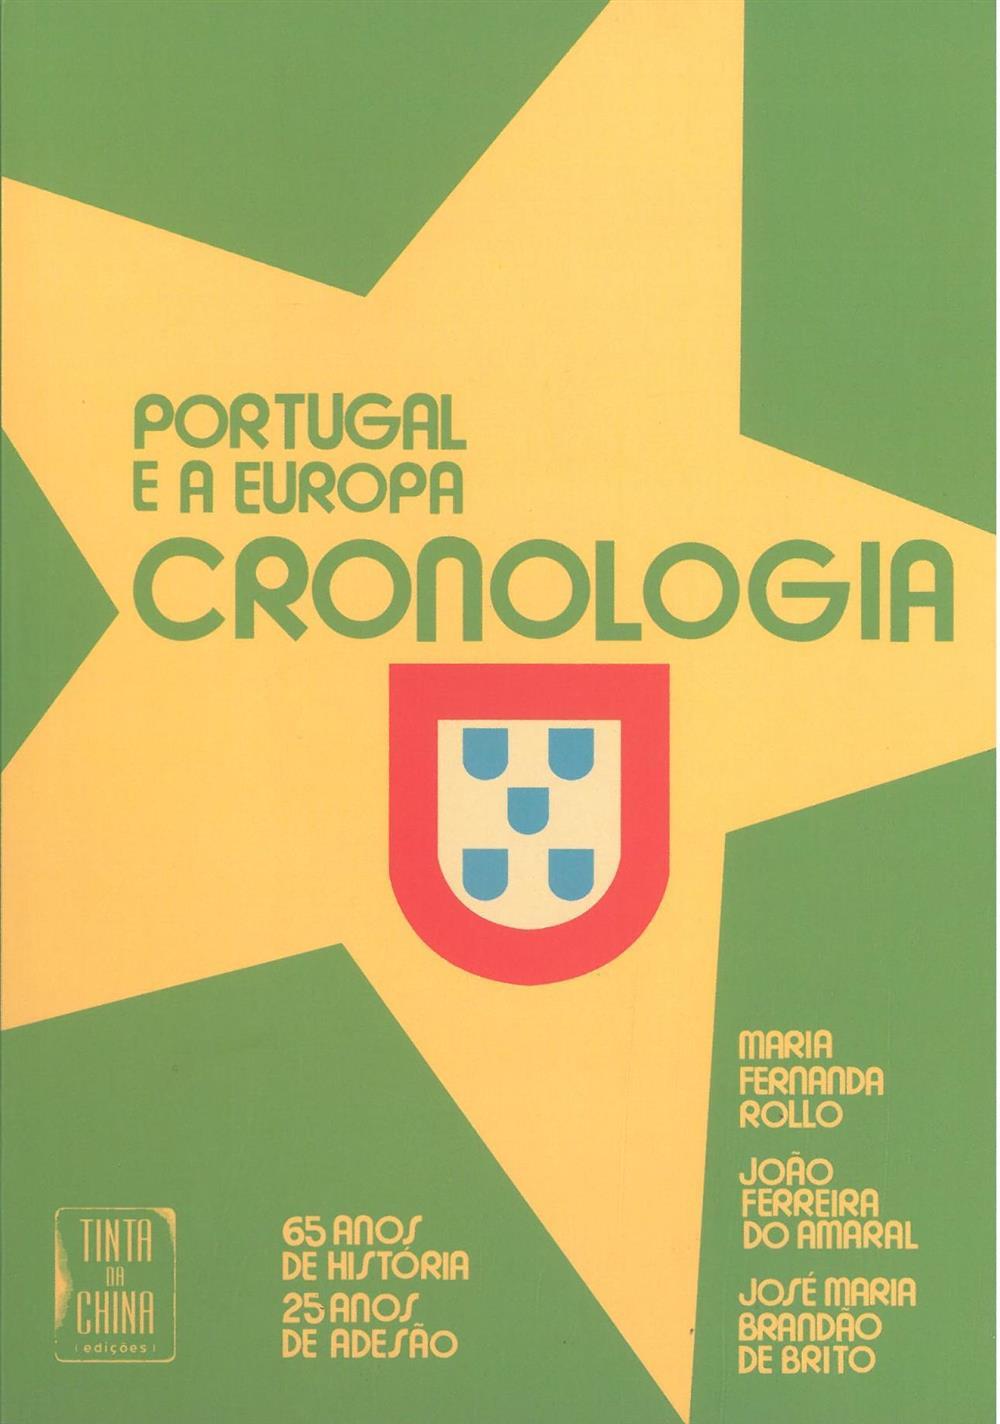 Portugal e a Europa_cronologia.jpg